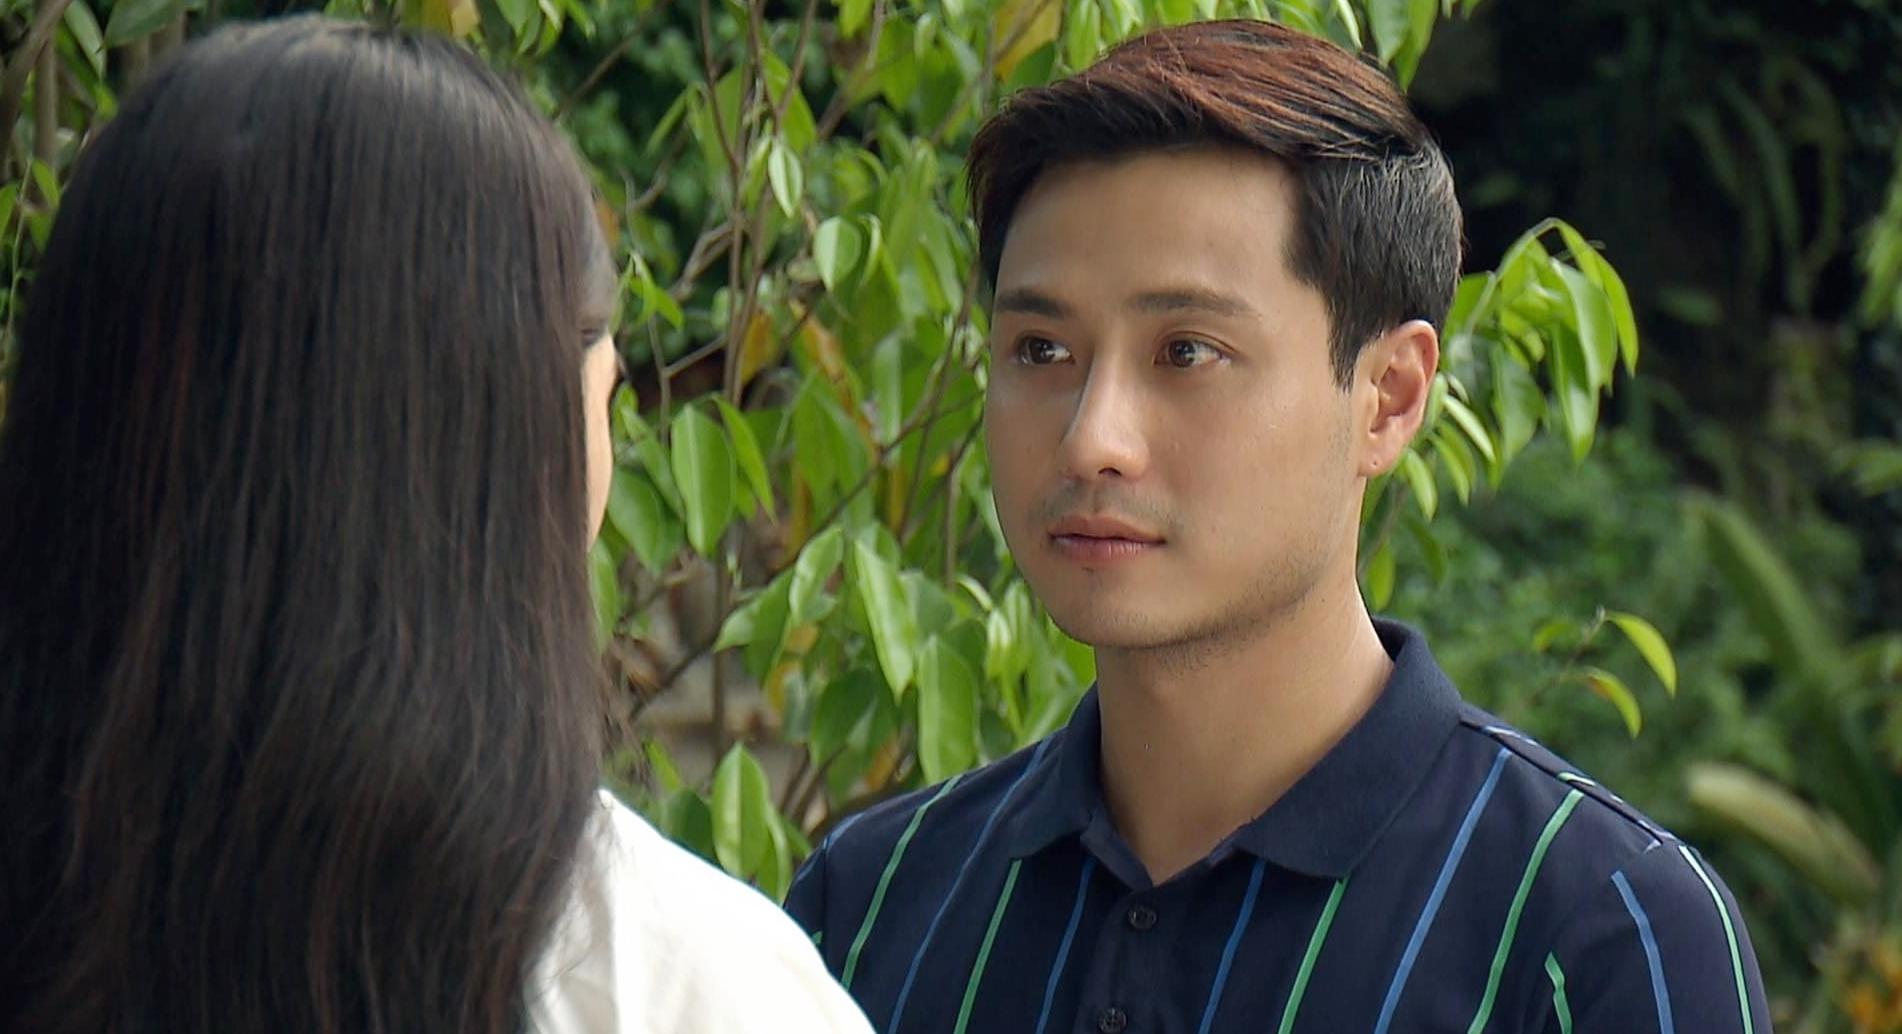 Dàn nam thần khiến hội chị em khao khát nhất màn ảnh Việt 2020: Có tổng tài, thầy giáo và cả... trai bao! - Ảnh 5.